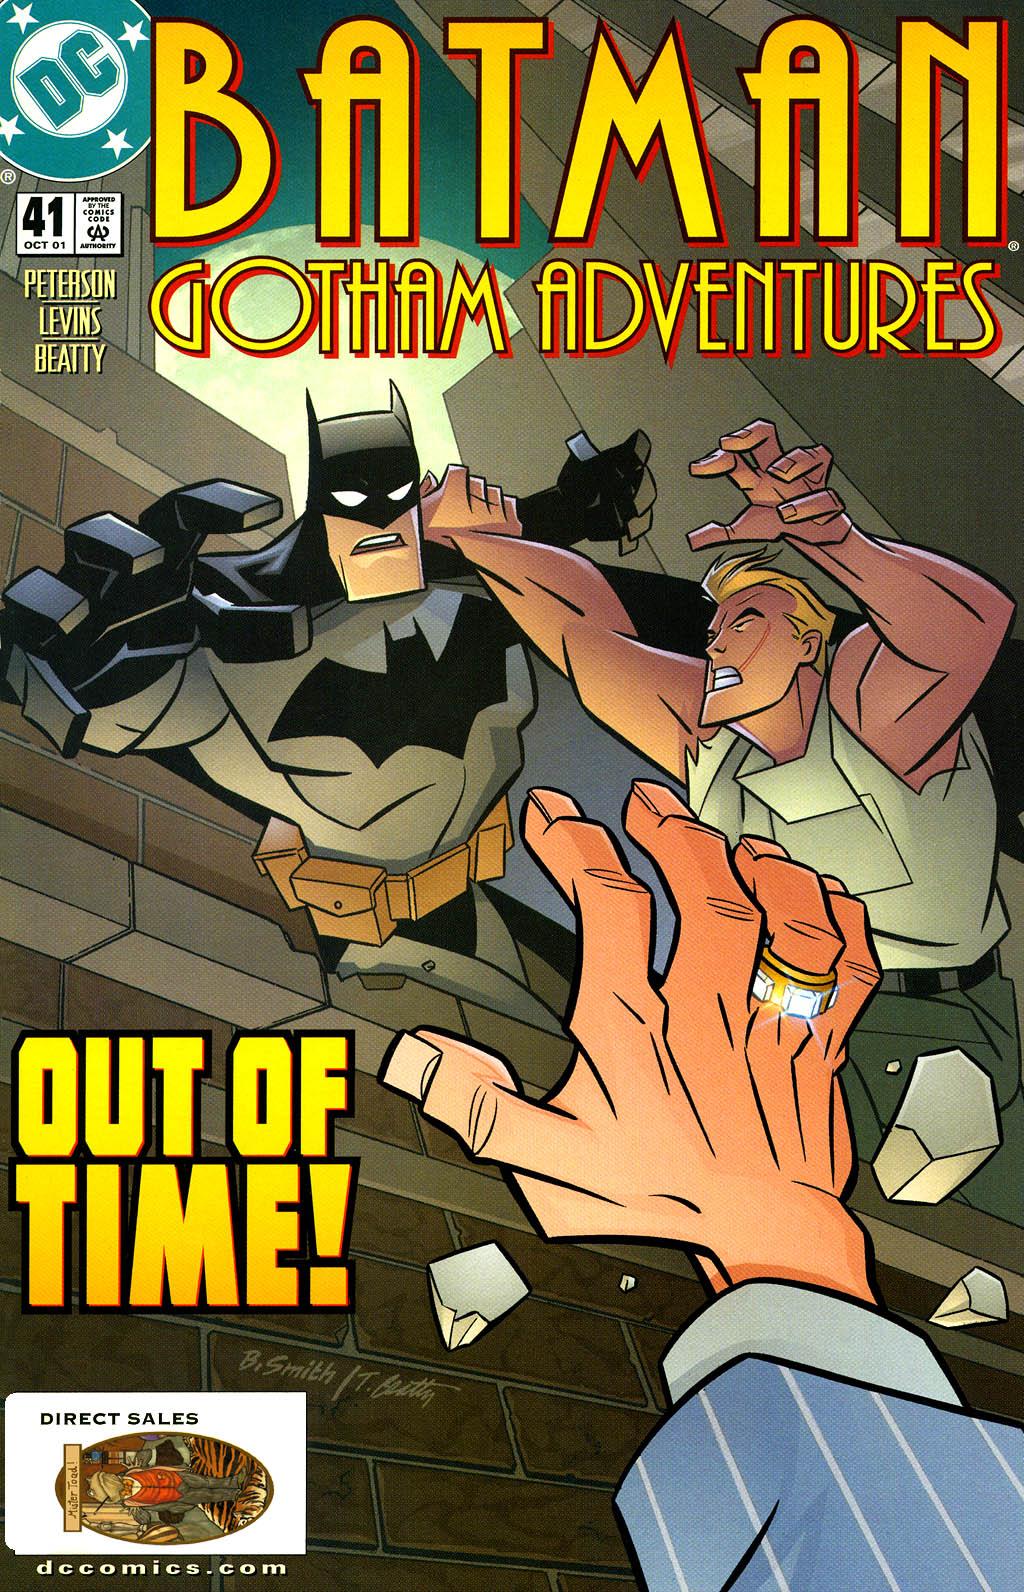 Batman: Gotham Adventures issue 41 - Page 1